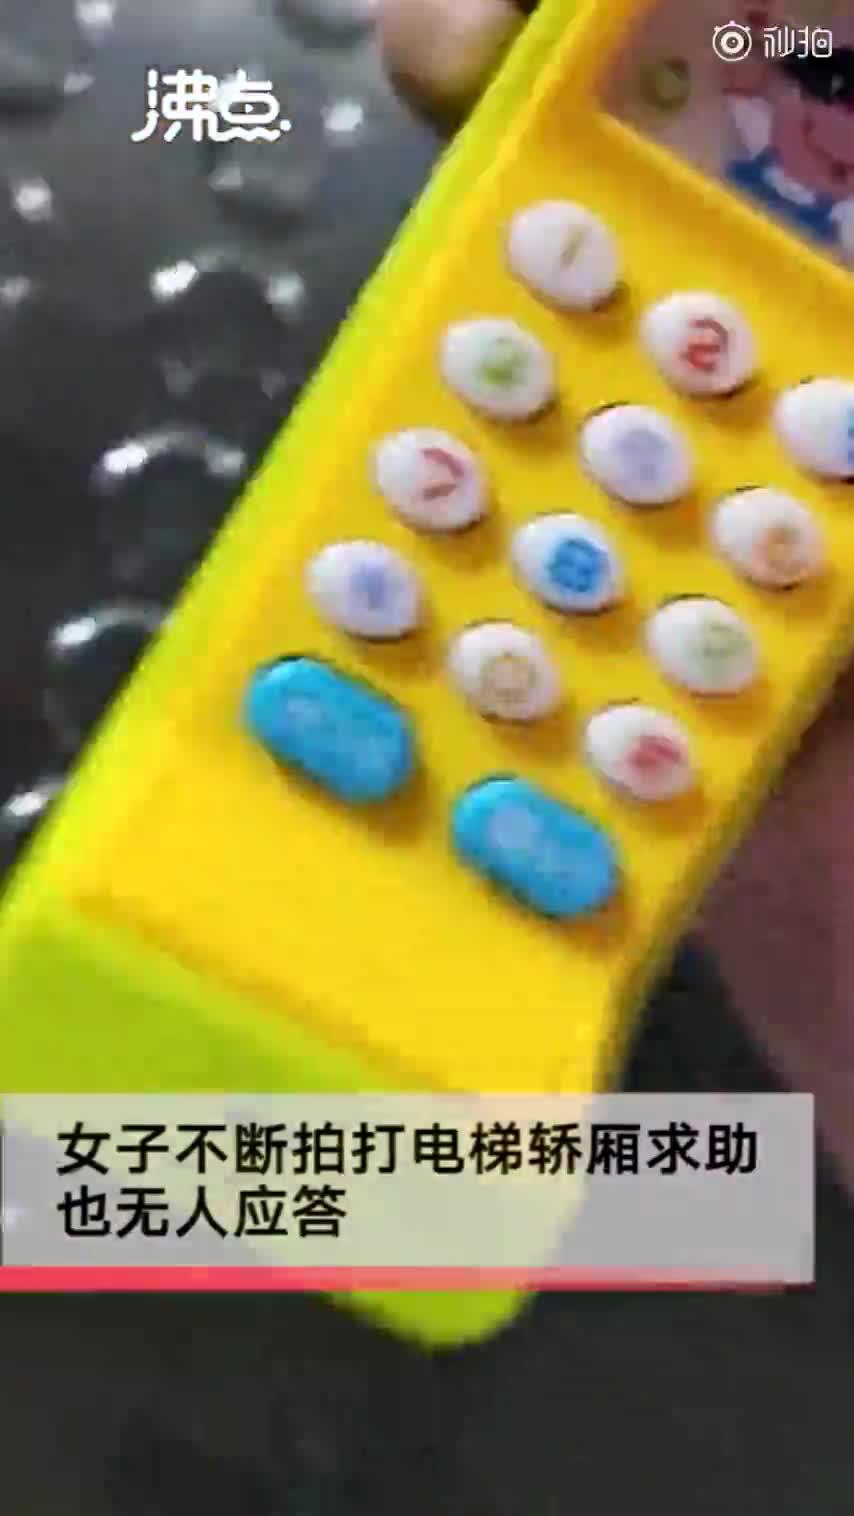 视频-电梯紧急呼叫按钮成摆设 母女被困40分钟